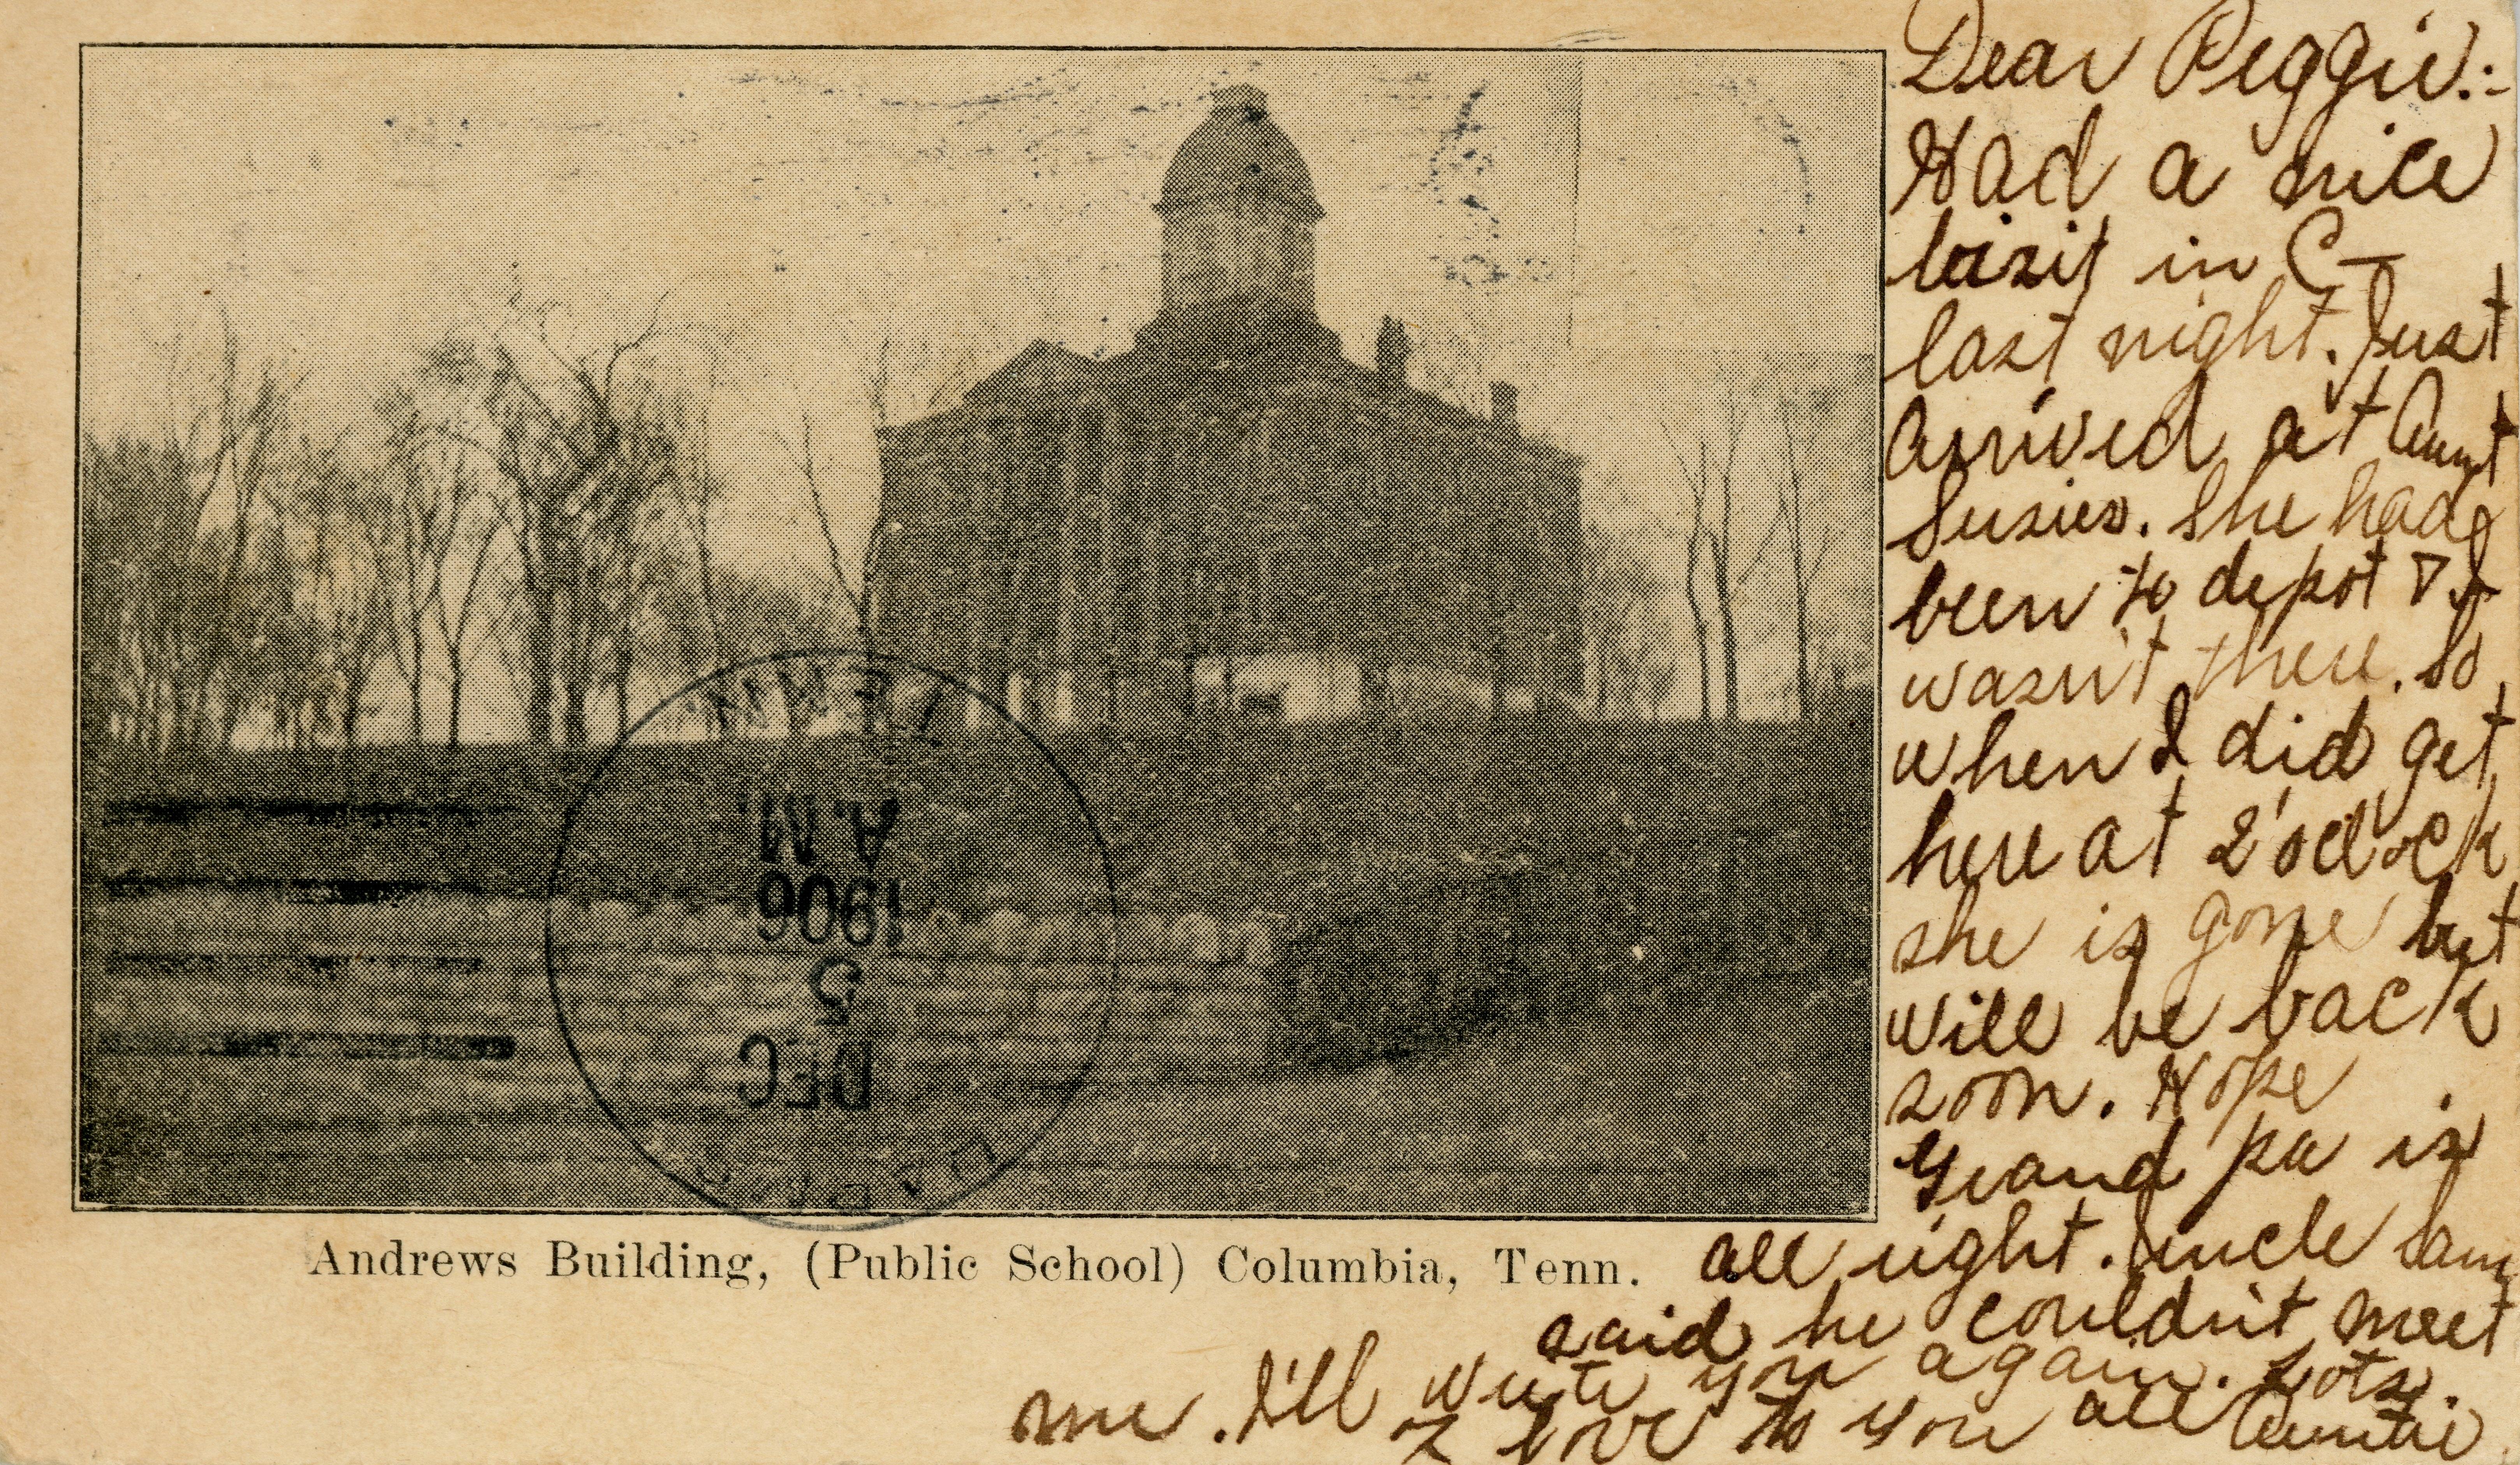 img066 (marked 1906)